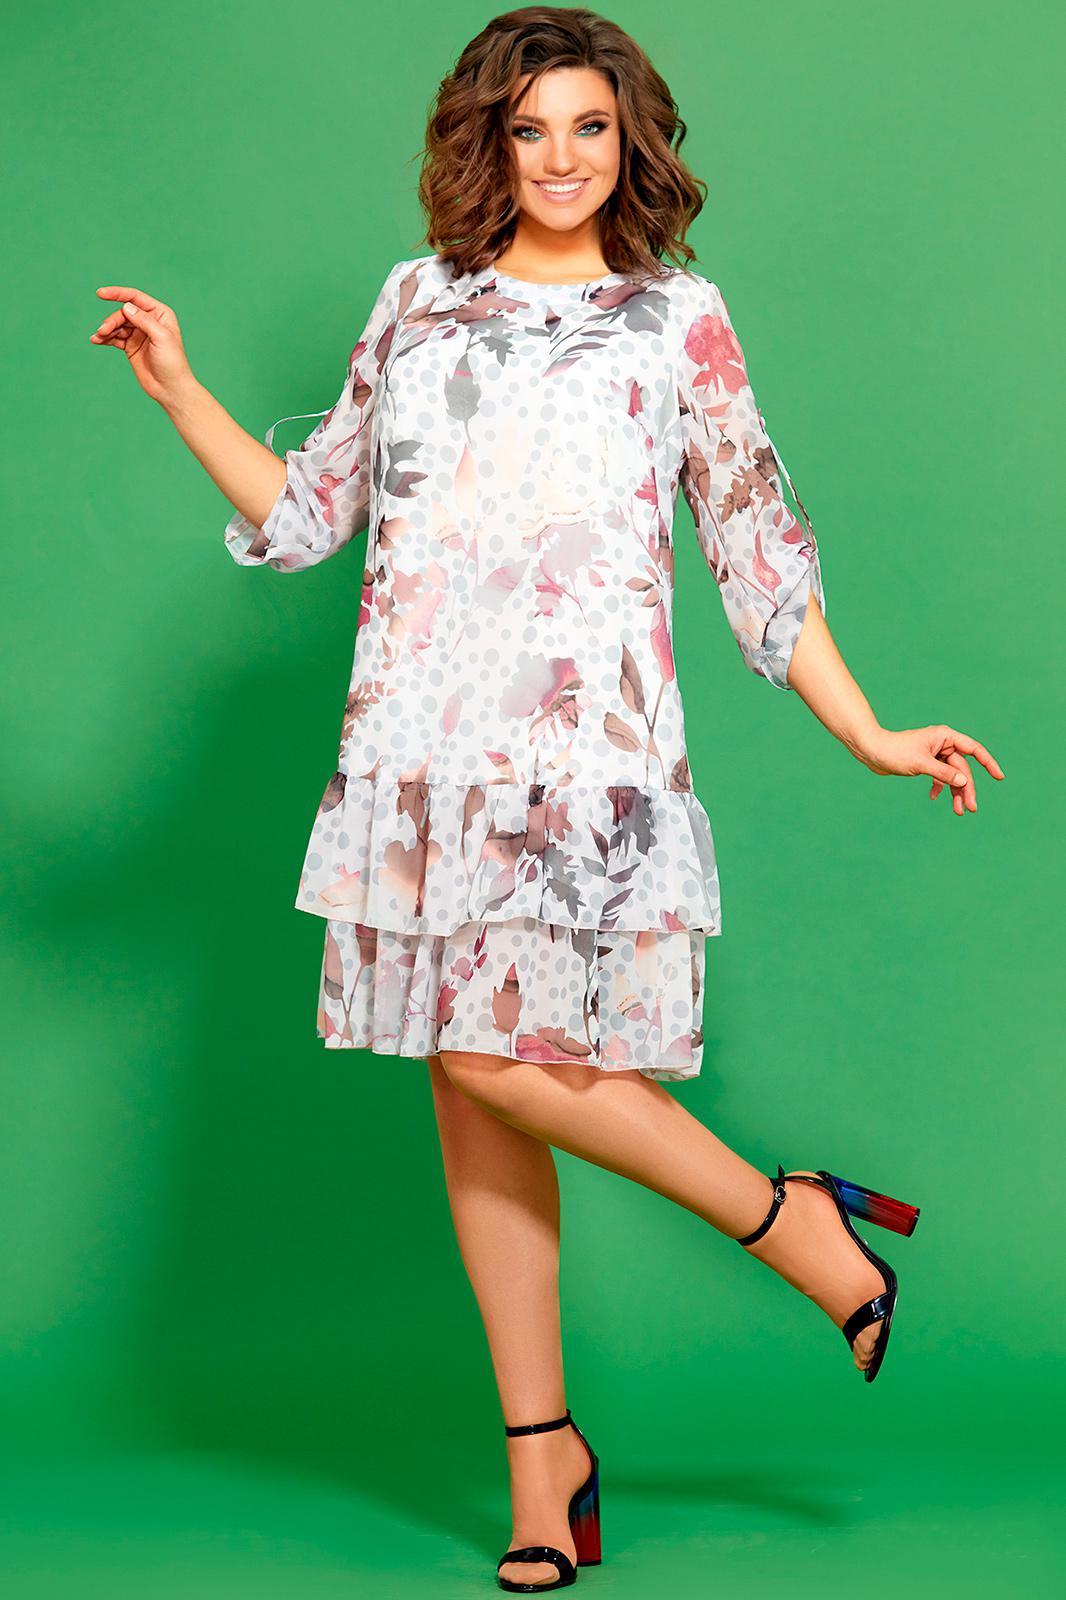 сути, фото шифоновых платьев для полных на лето даже